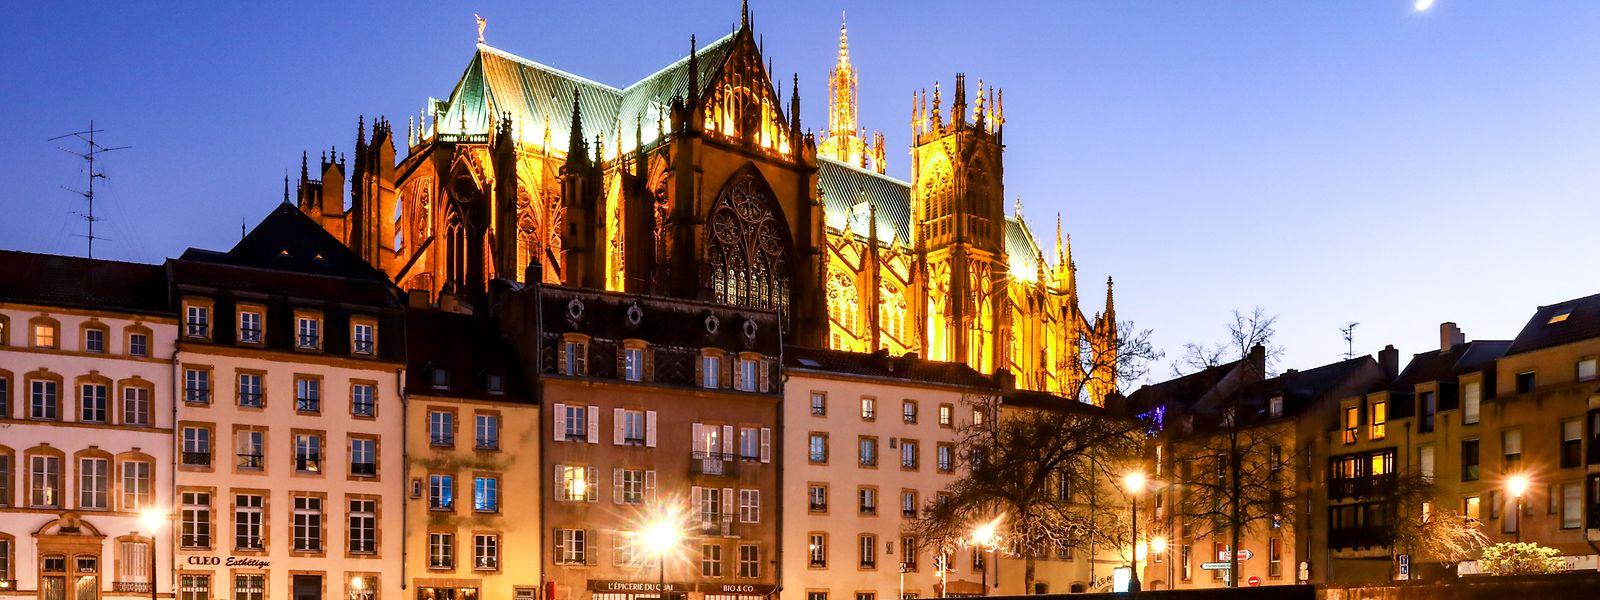 Die Kathedrale von Metz: mächtig und stoll thront sie über der Stadt.